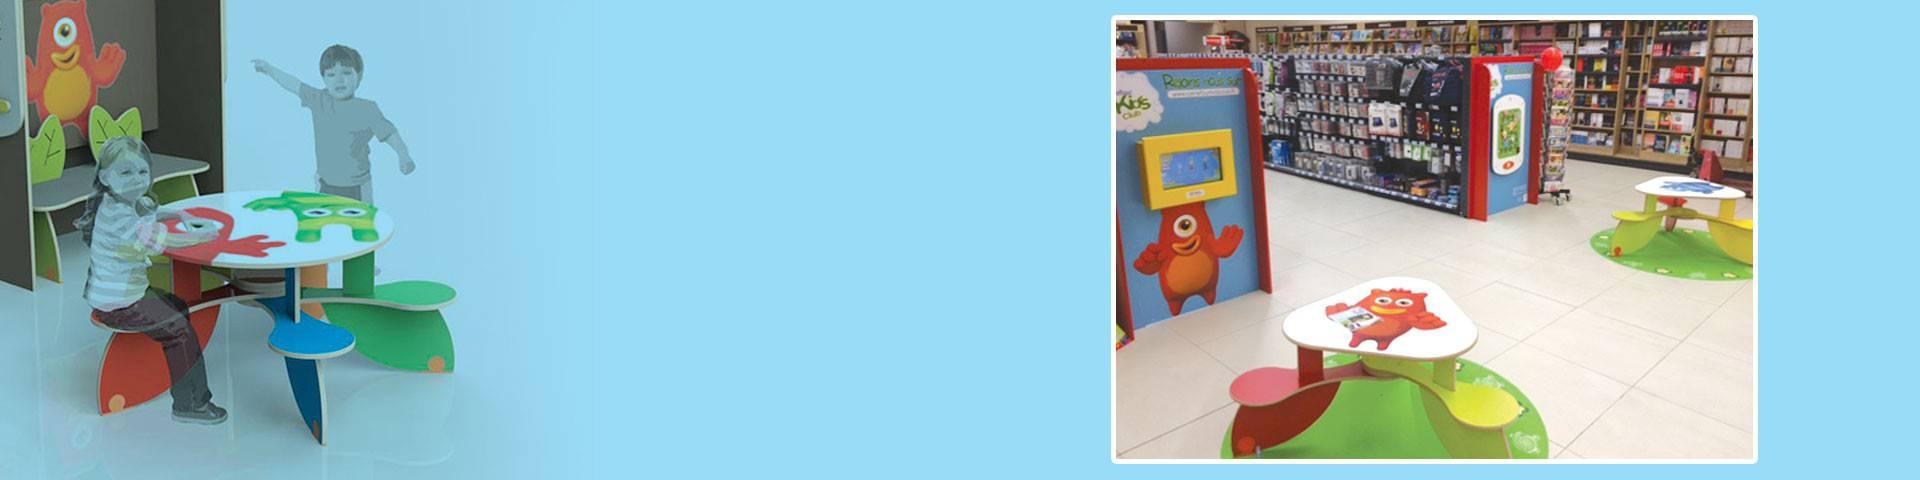 KIDEA CREATEUR D'ESPACES ENFANTS